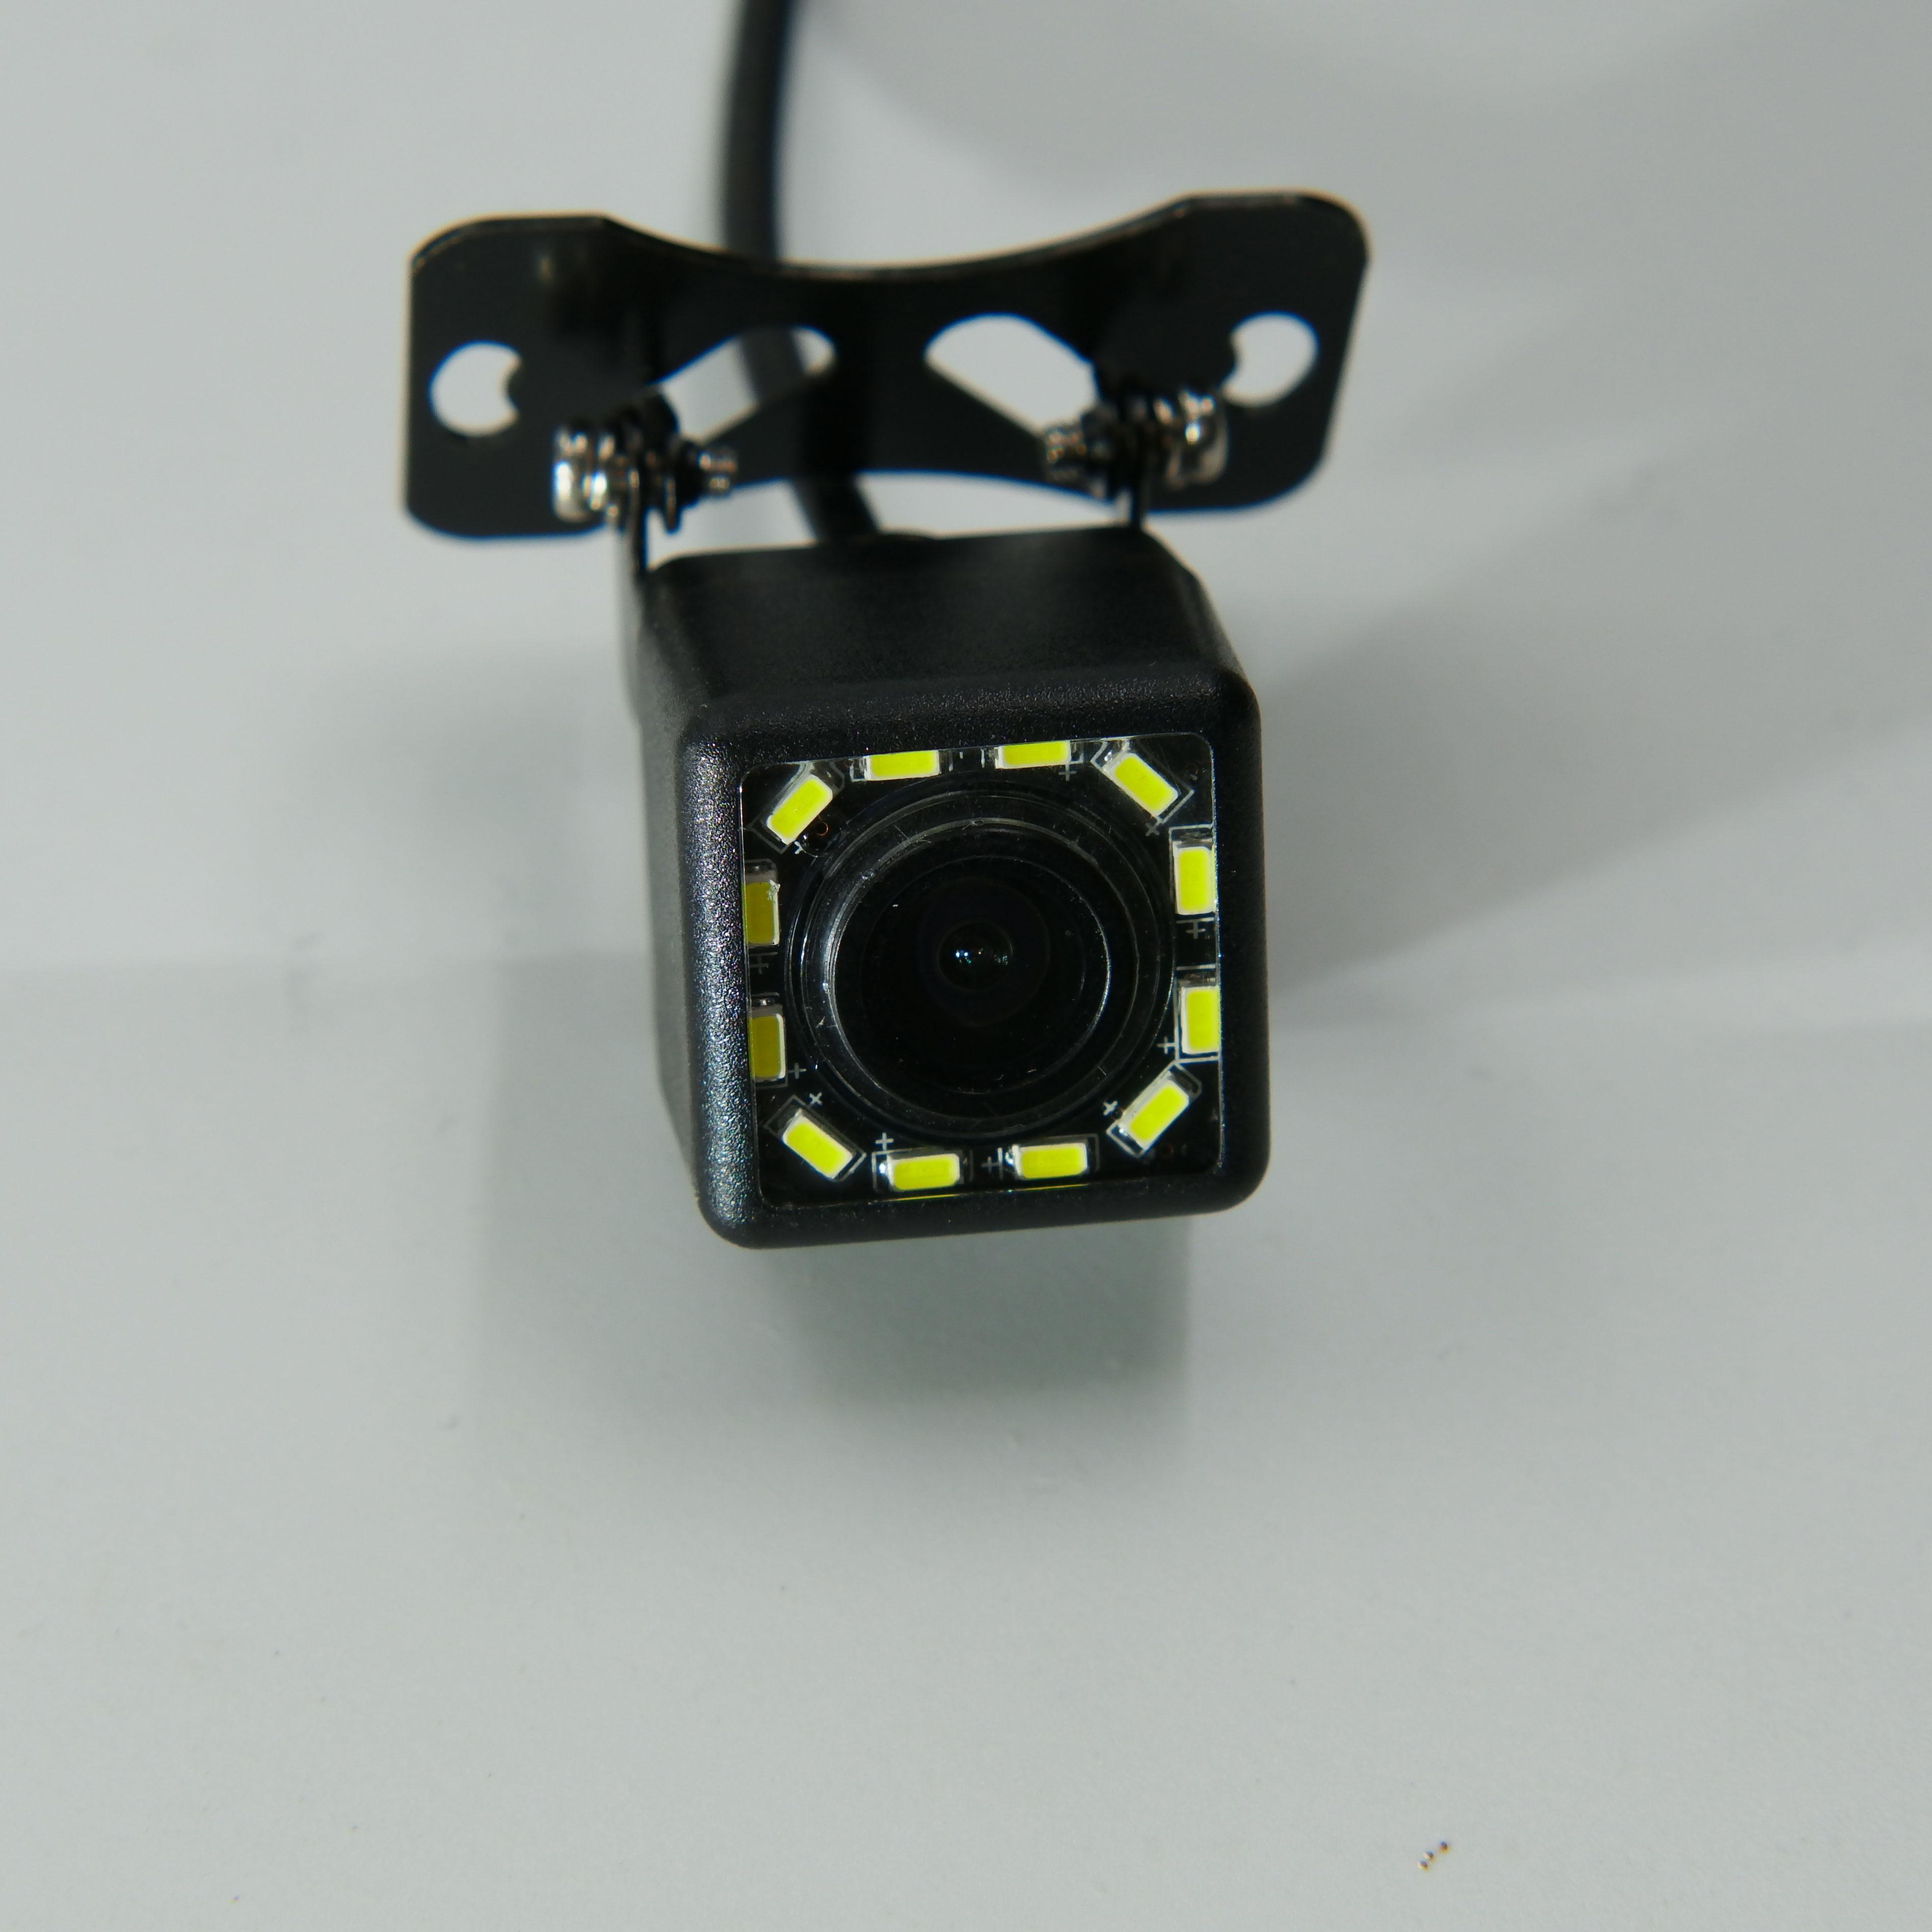 BYNCG Автомобильная камера заднего вида Универсальная 12 Светодиодный ночного видения дублирующая для парковки заднего вида камера Водонепроницаемая 170 широкоугольная HD цветное изображение - Название цвета: 12 led camera